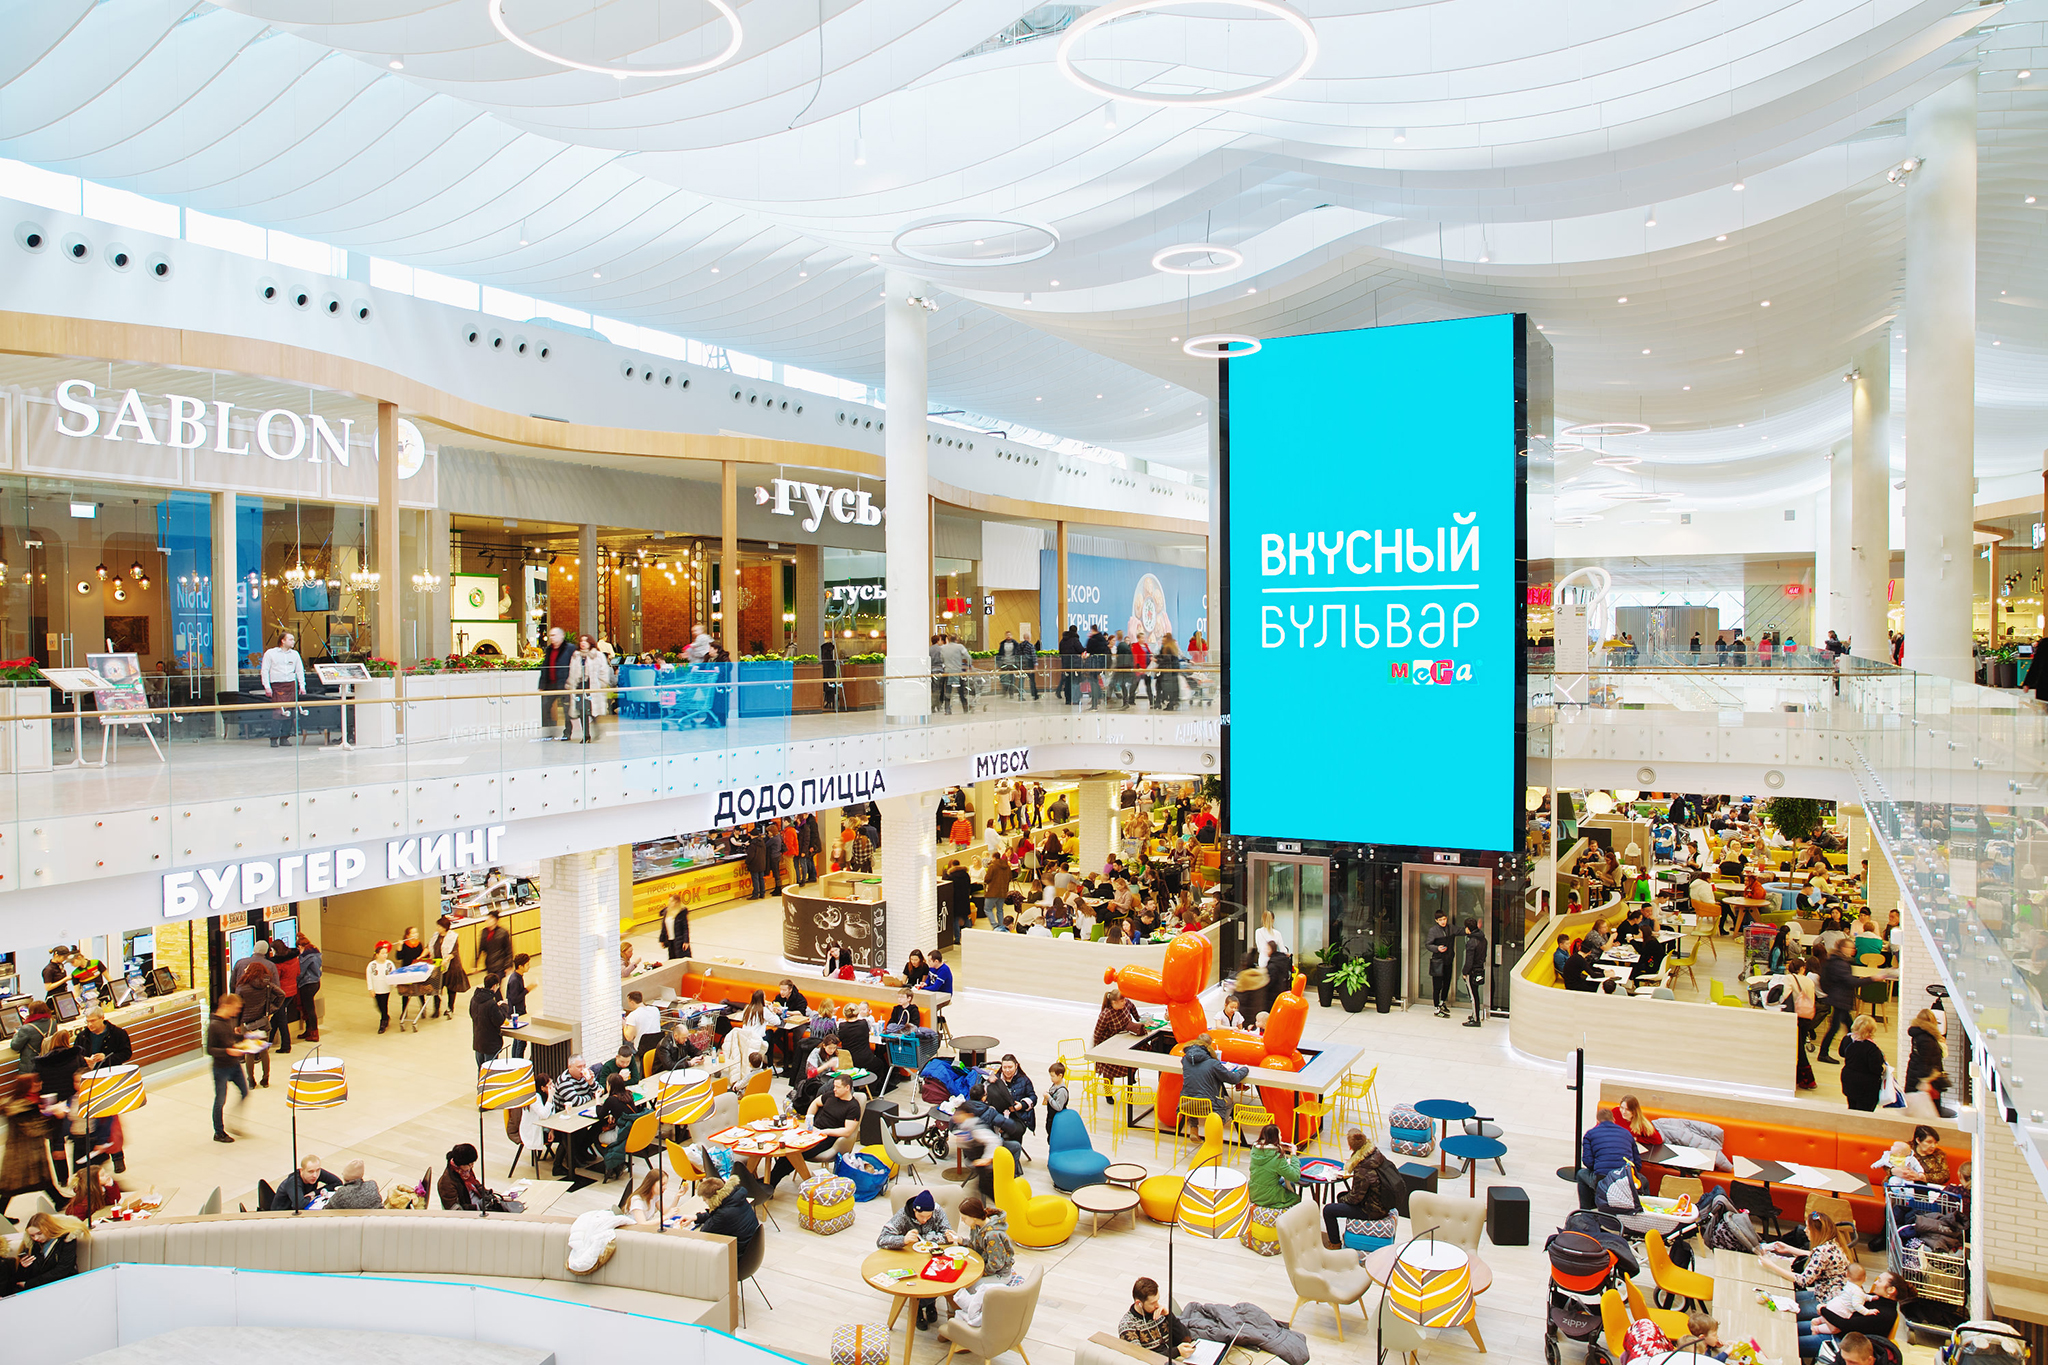 Мега (сеть торговых центров) — википедия. что такое мега (сеть торговых центров)